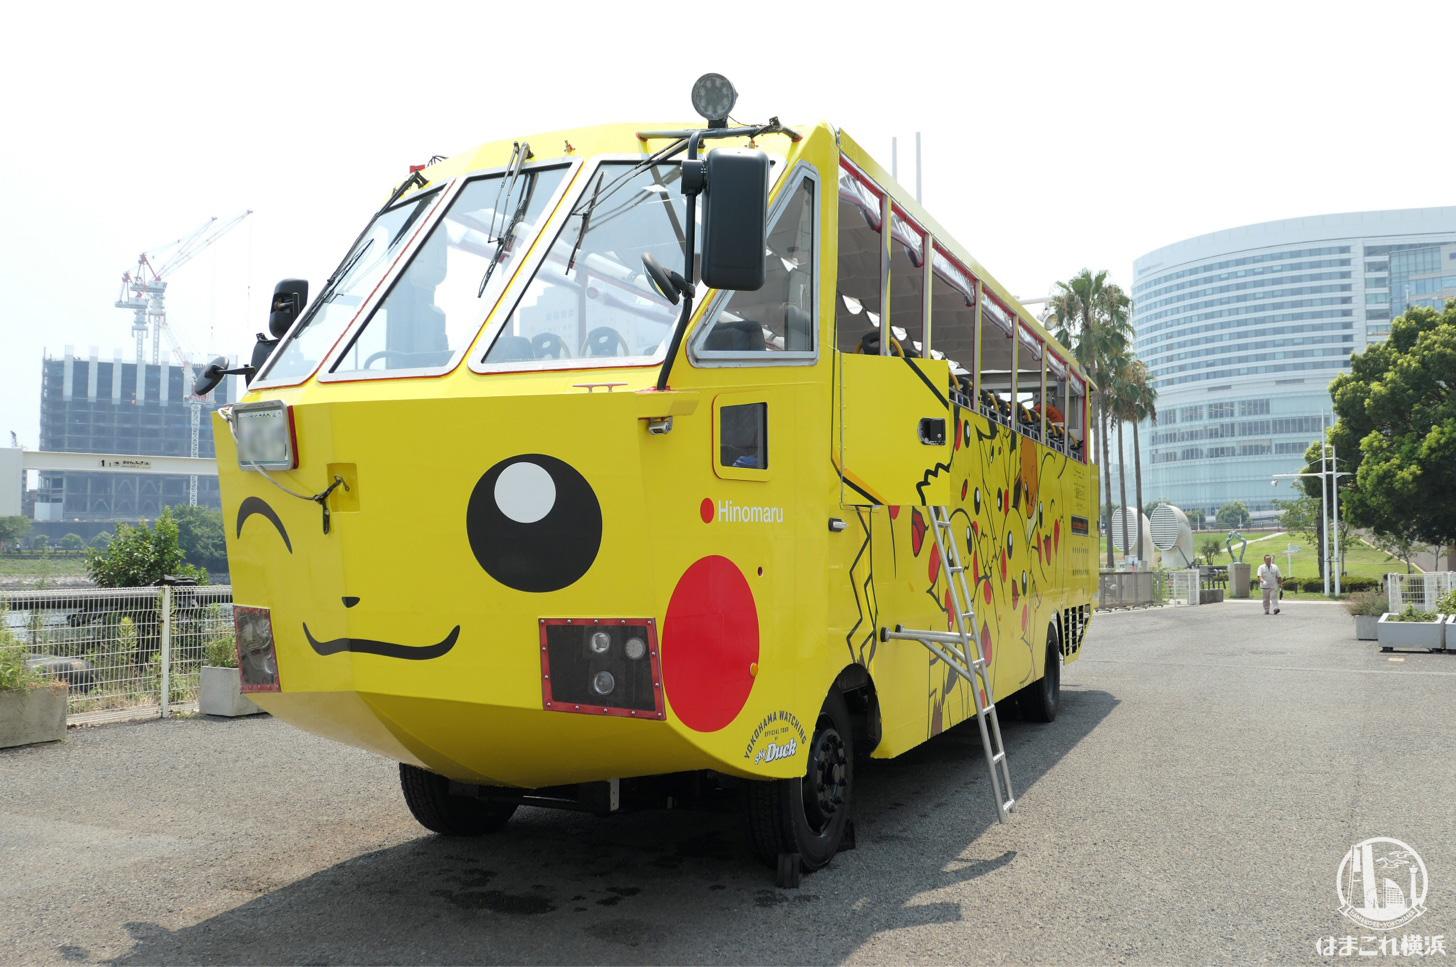 2018年 水陸両用バスがピカチュウラッピングで運行開始 !ピカチュウ大量発生